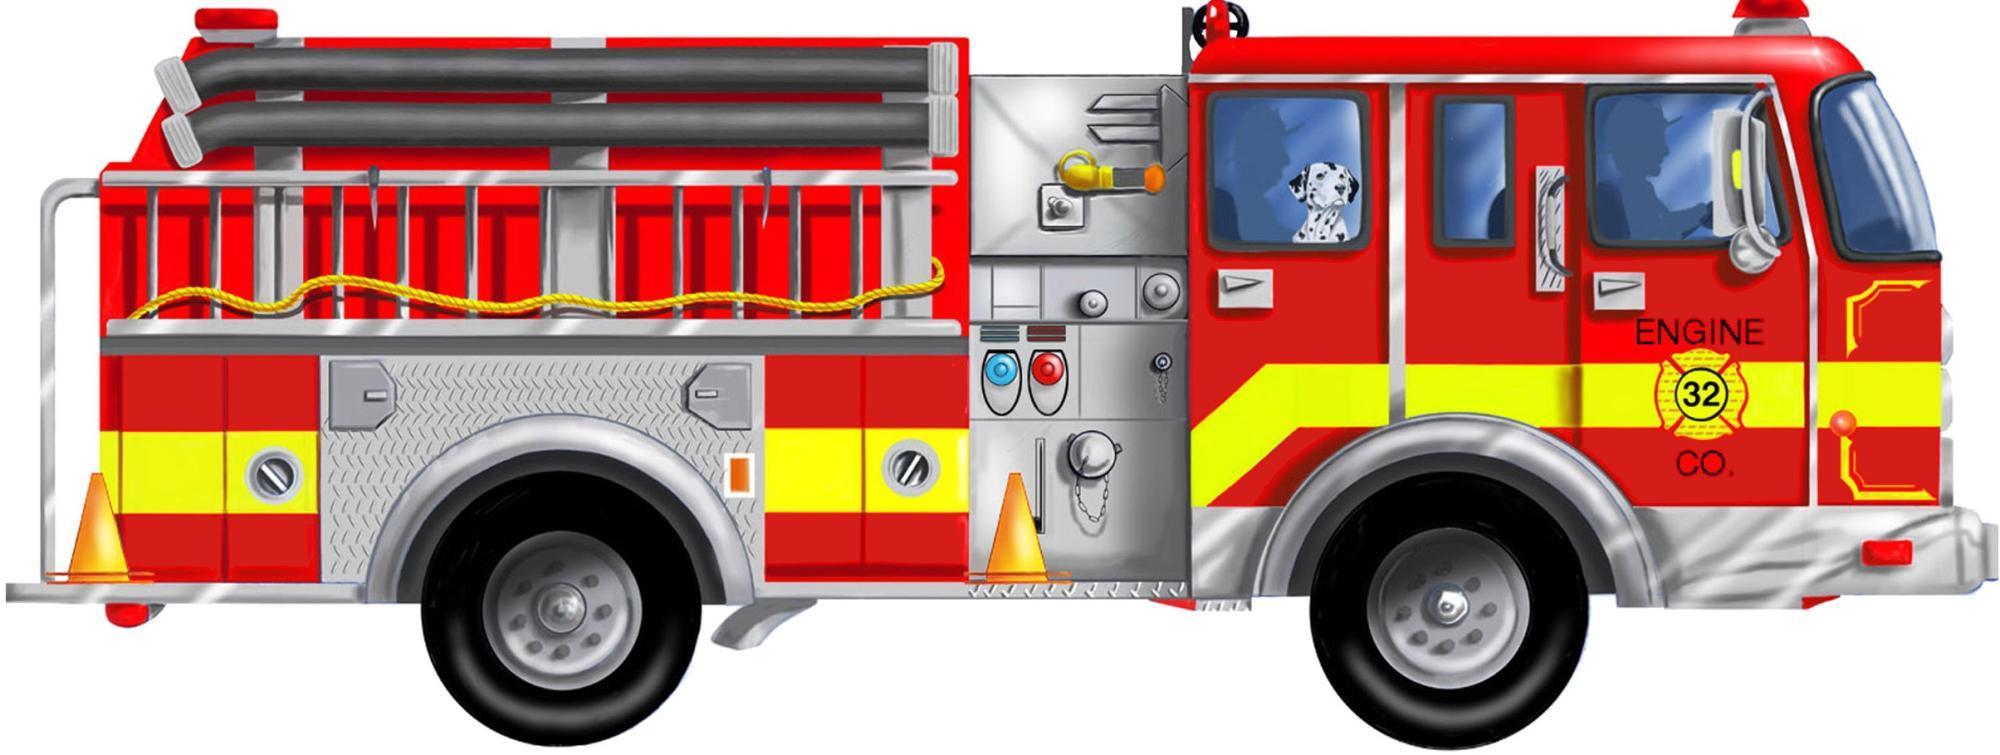 CARTOON IMAGES, ART INSERTS » firetruck (18)